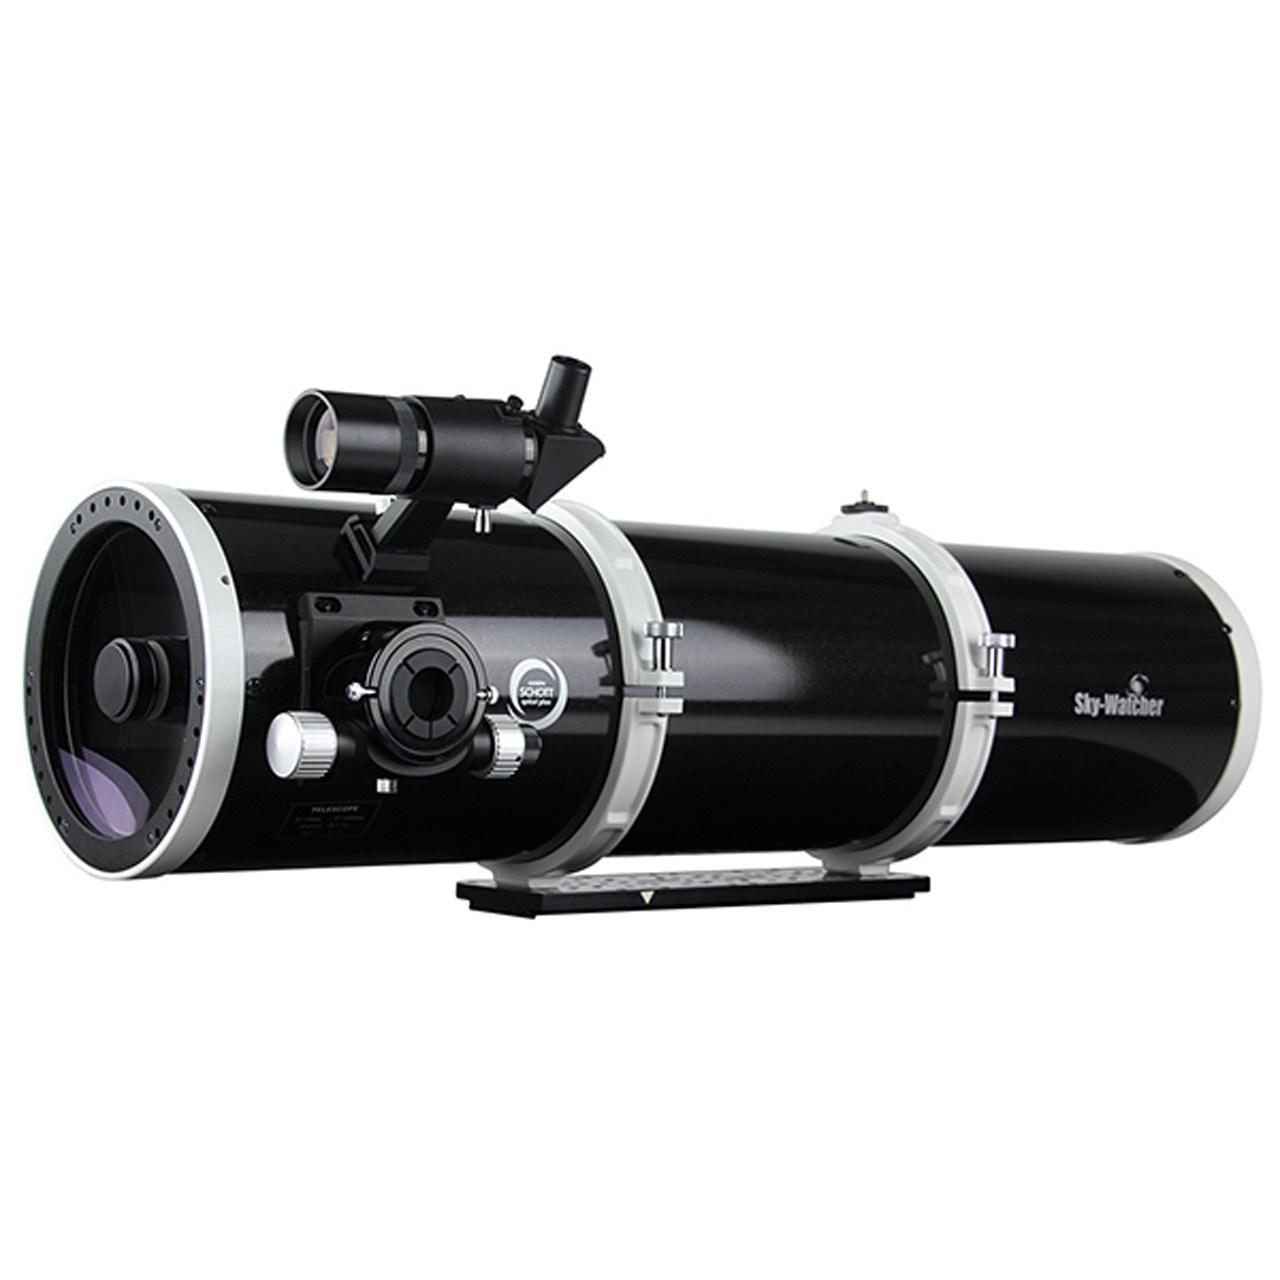 تلسکوپ 190 میلیمتری ماکستوف-نیوتنی اسکای واچر